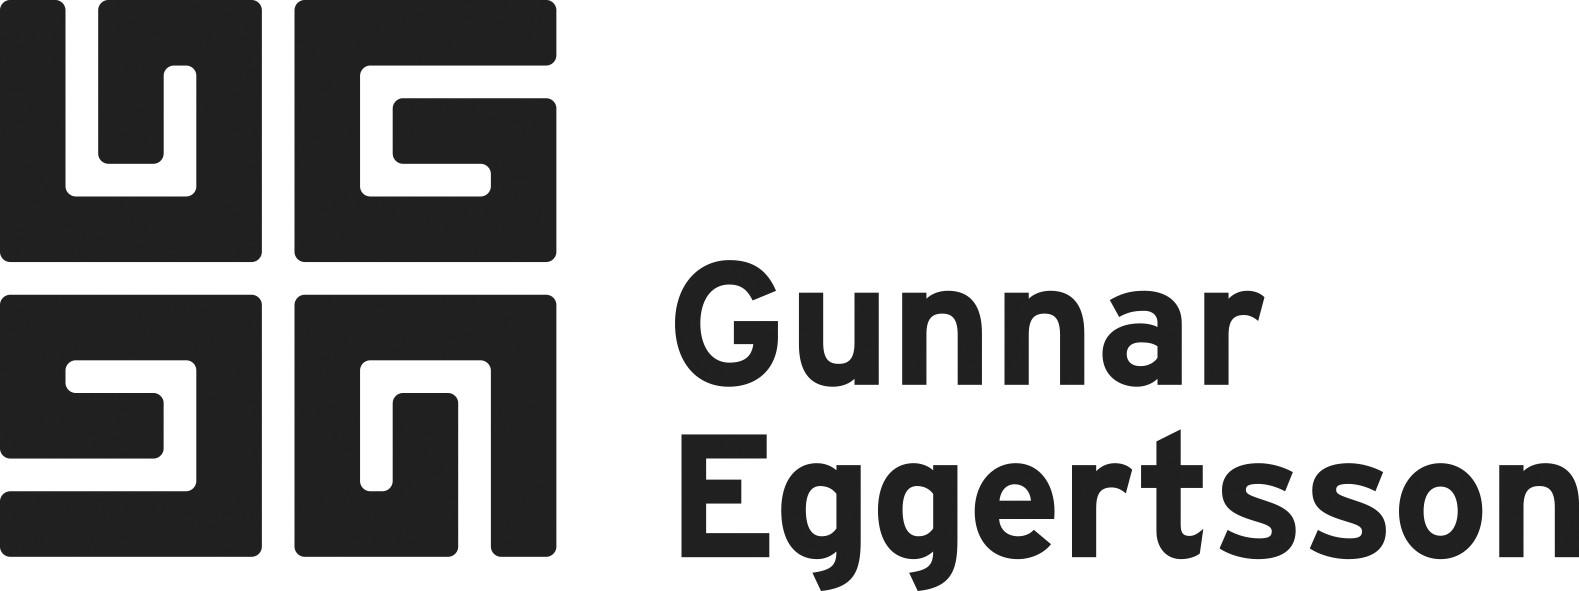 Gunnar-Eqquertson